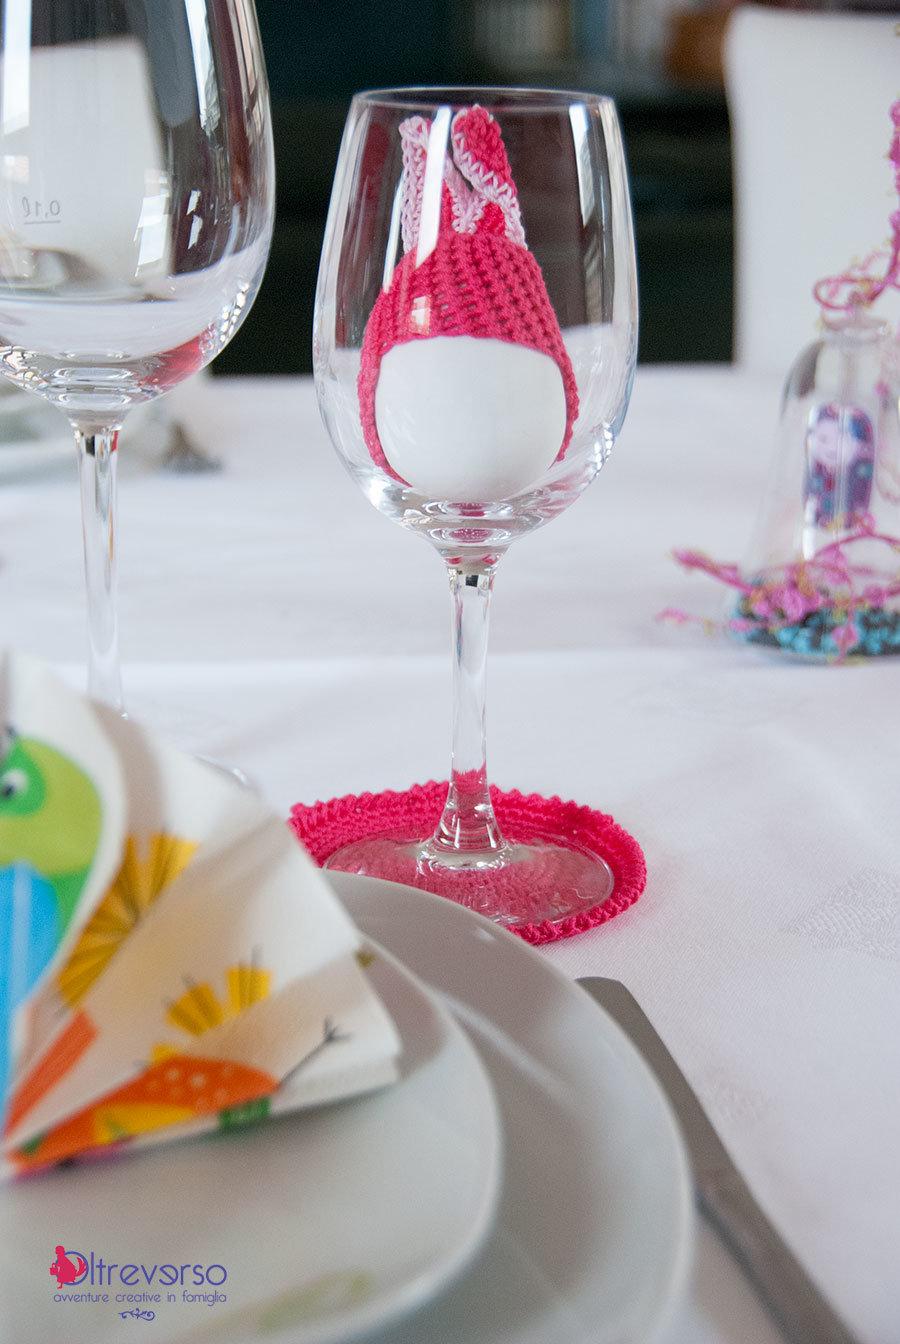 uova di pasqua sulla tavola